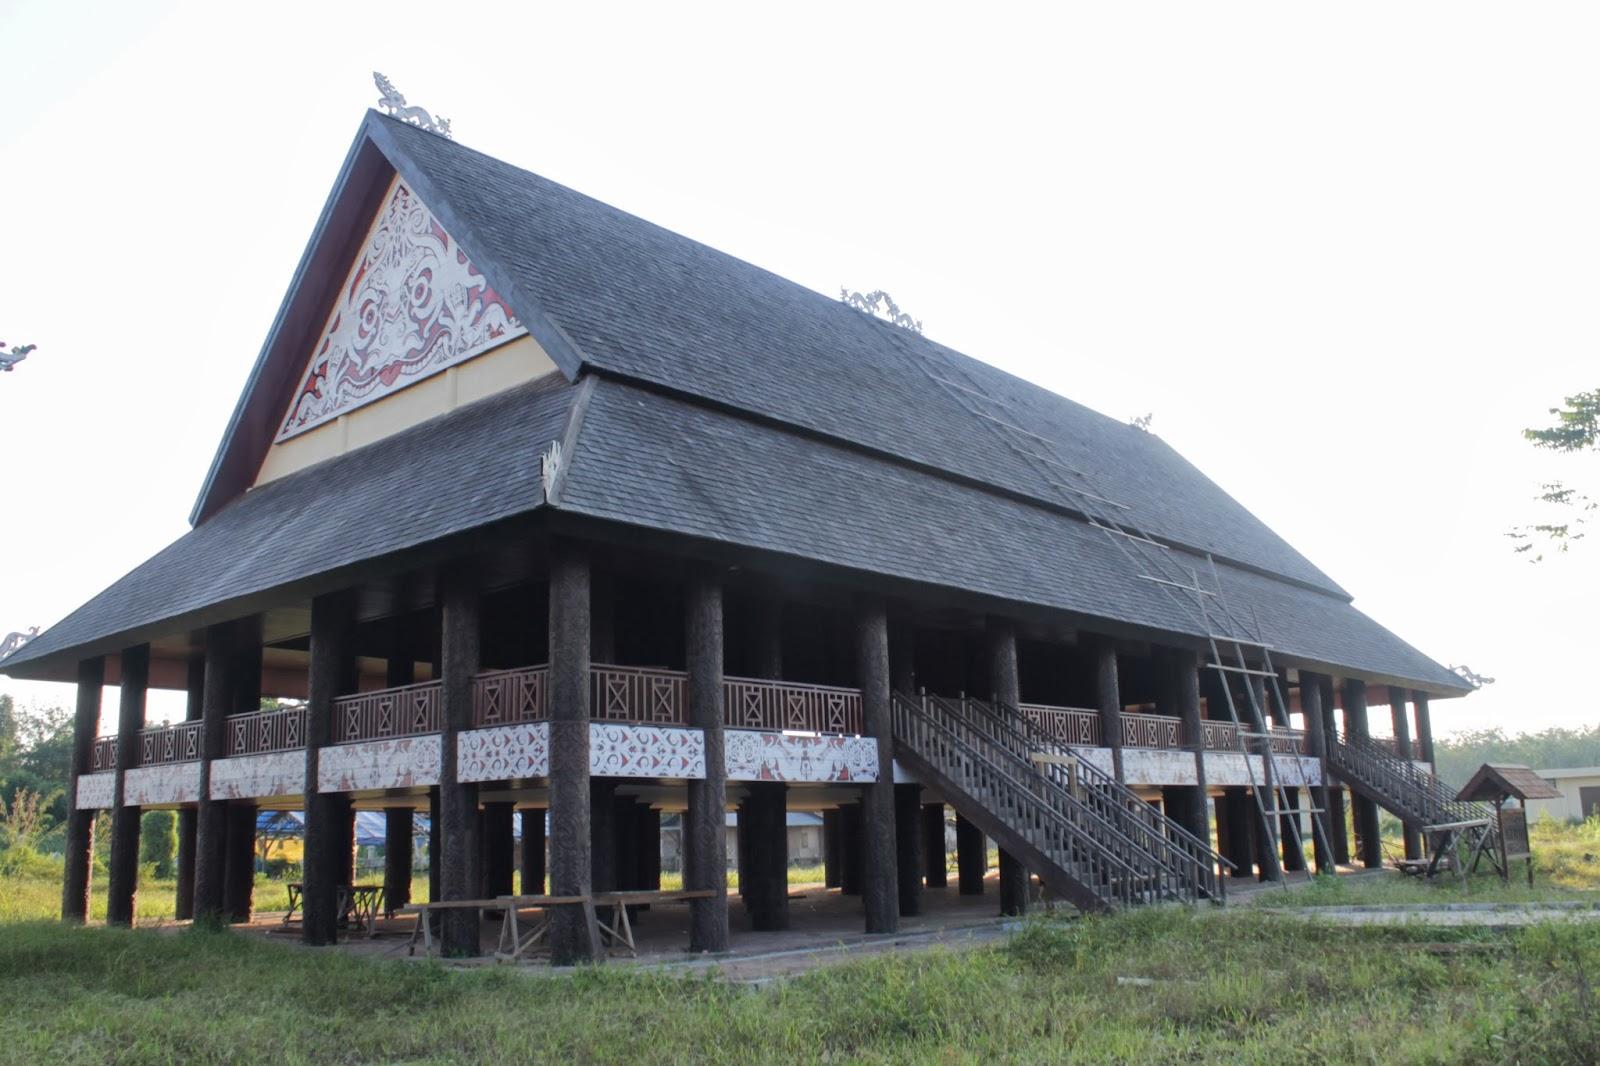 Download this Lamin Rumah Panjang Dimasa Sekarang picture